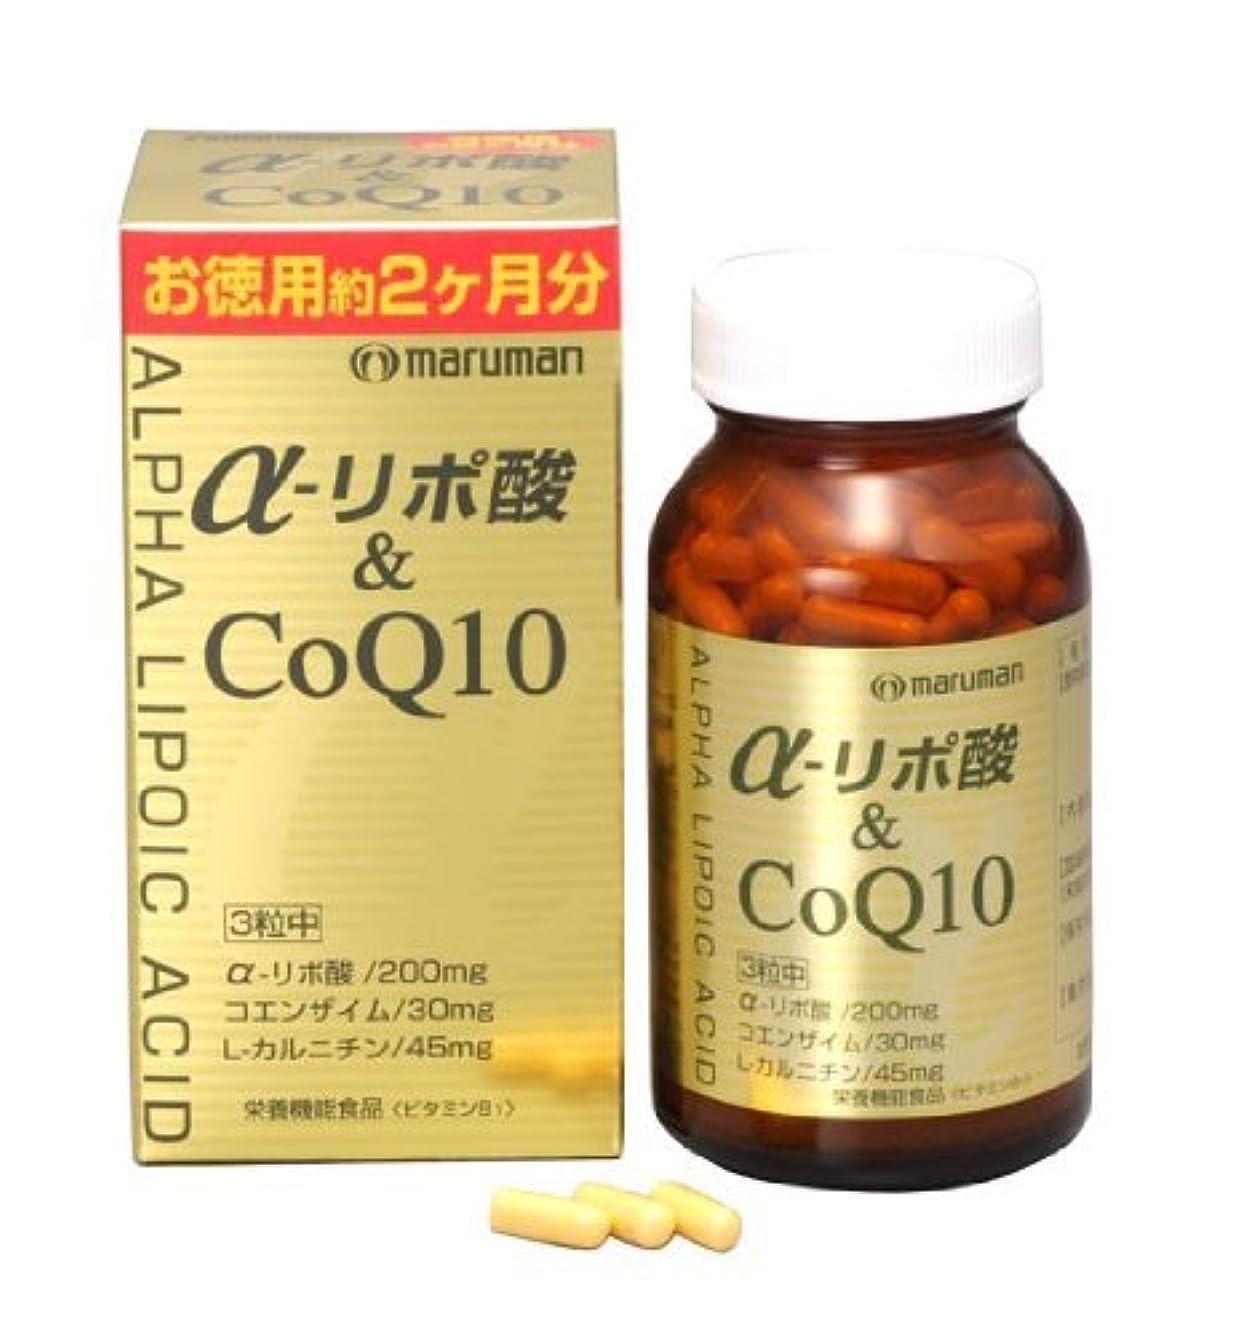 オーナー散歩に行くお肉αリポ酸&COQ10 徳用2ヶ月分 話題の成分配合